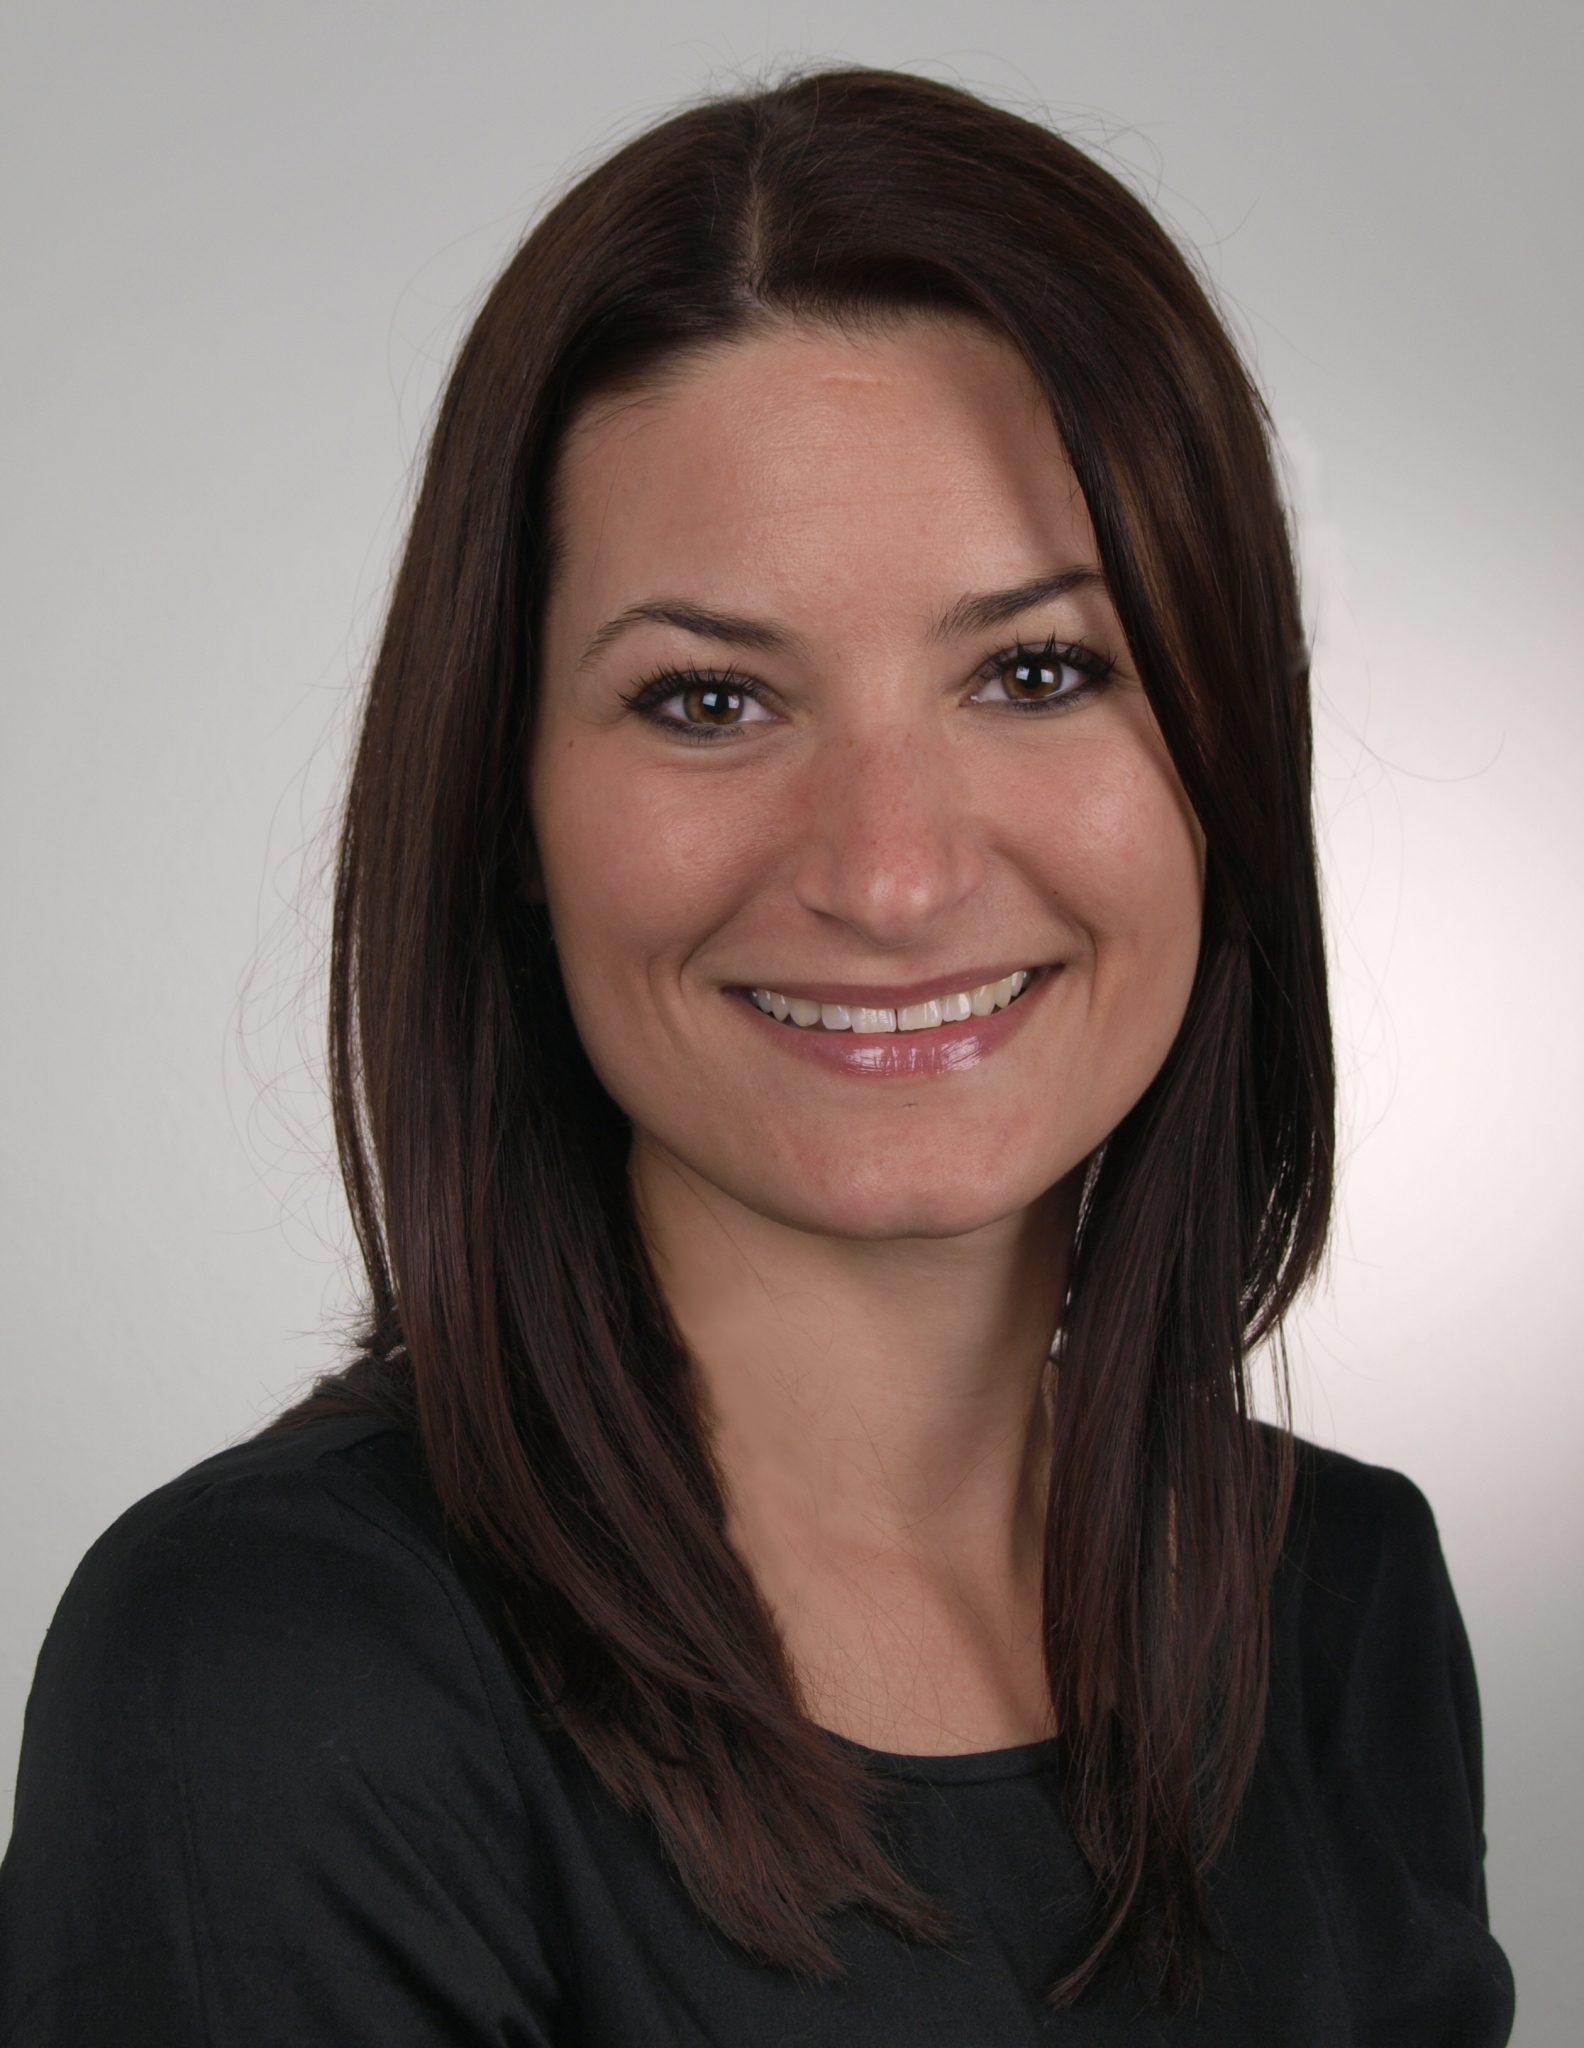 Dr Martina Schmittnägel